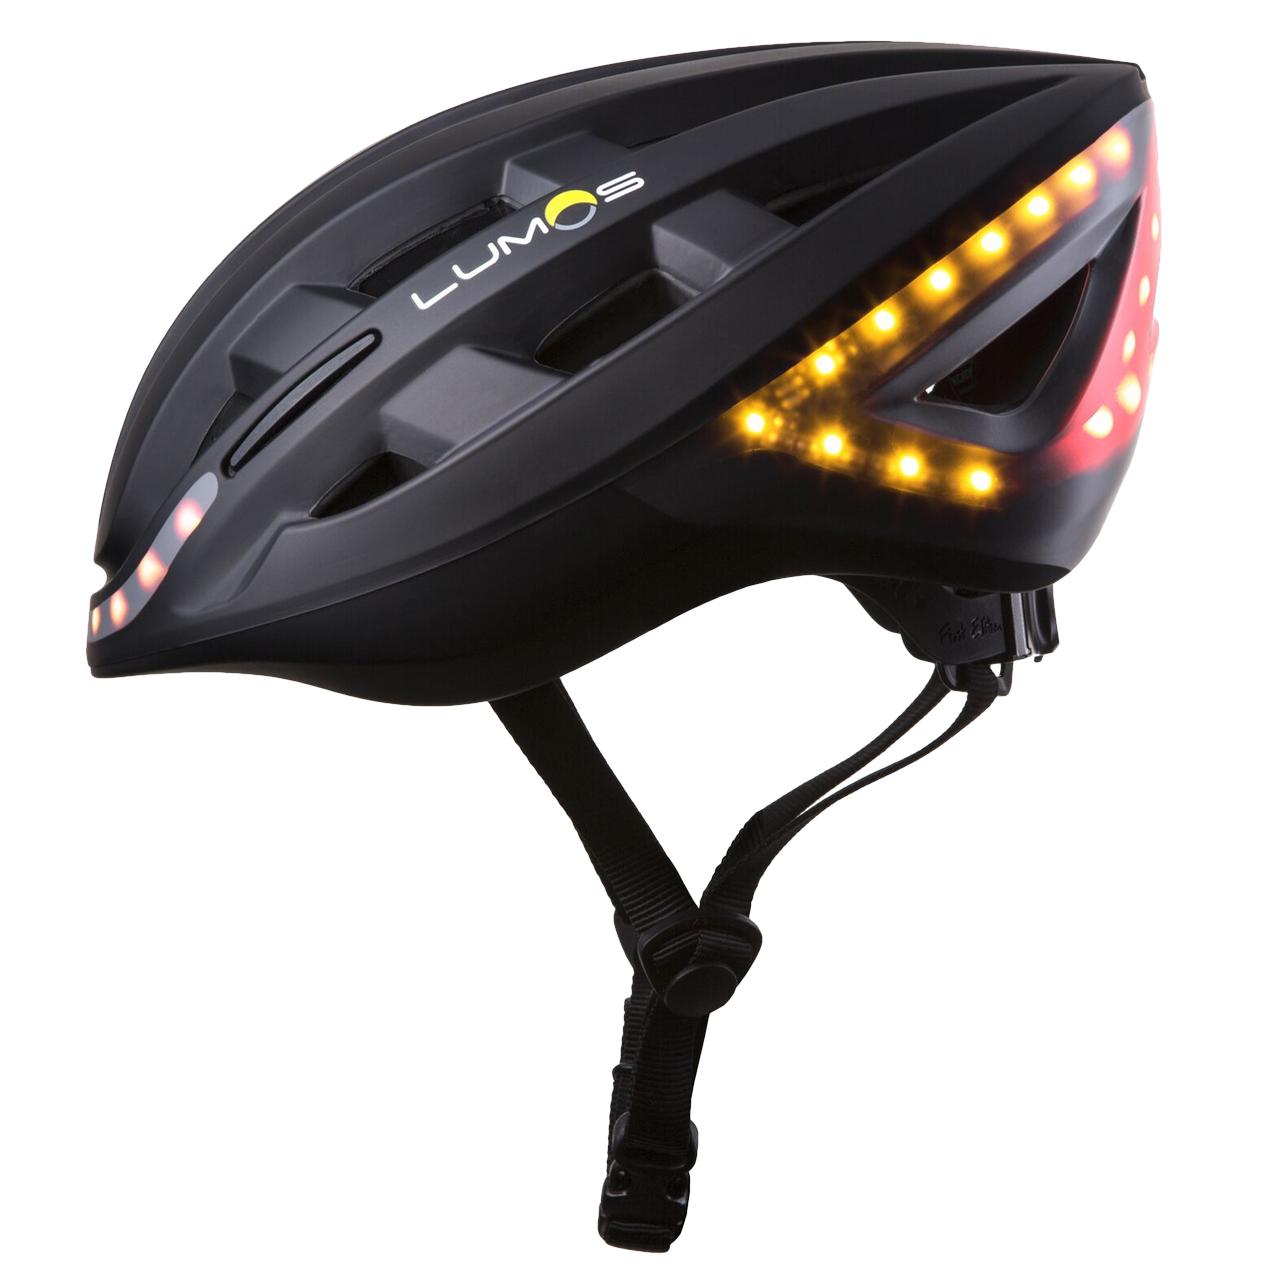 Lumos Fahrradhelm mit Blinker und Bremslicht für 144€, statt 180€